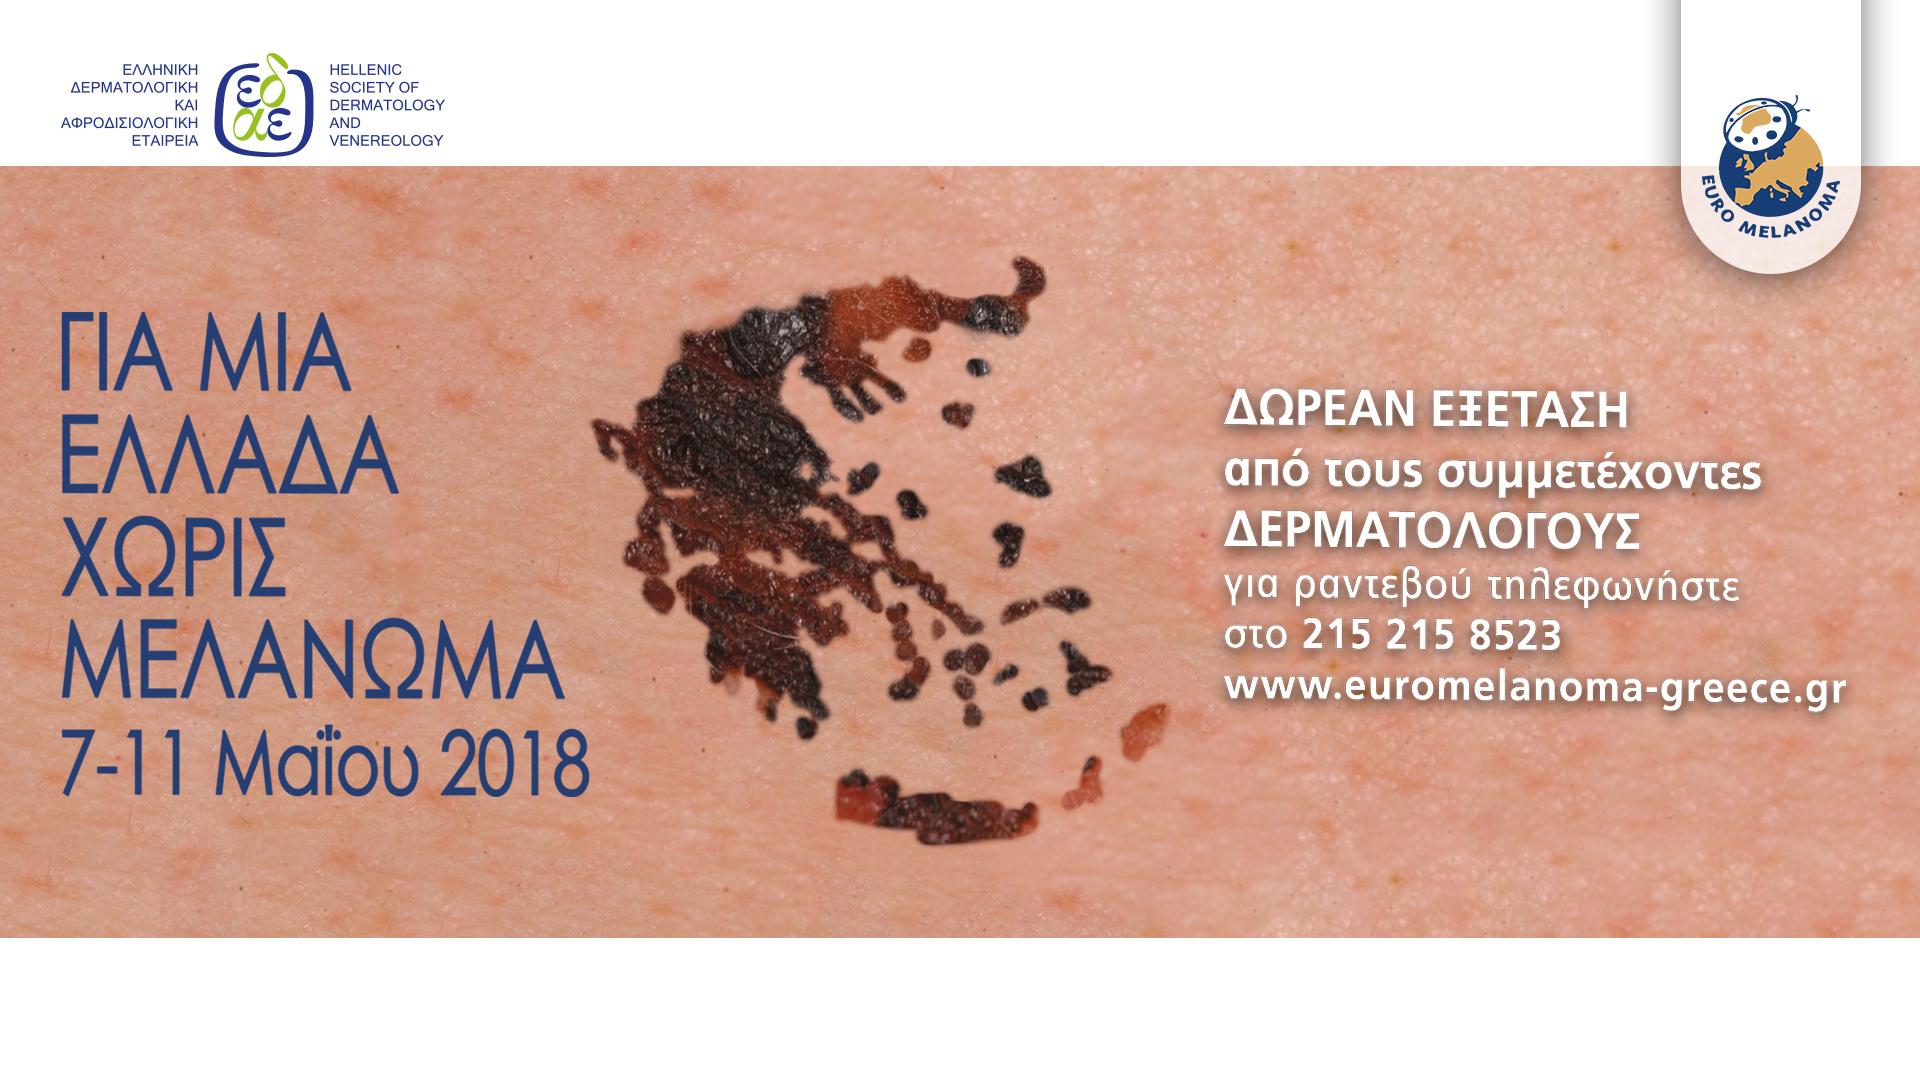 EUROMELANOMA_BANNER_TV_1920X1080PX